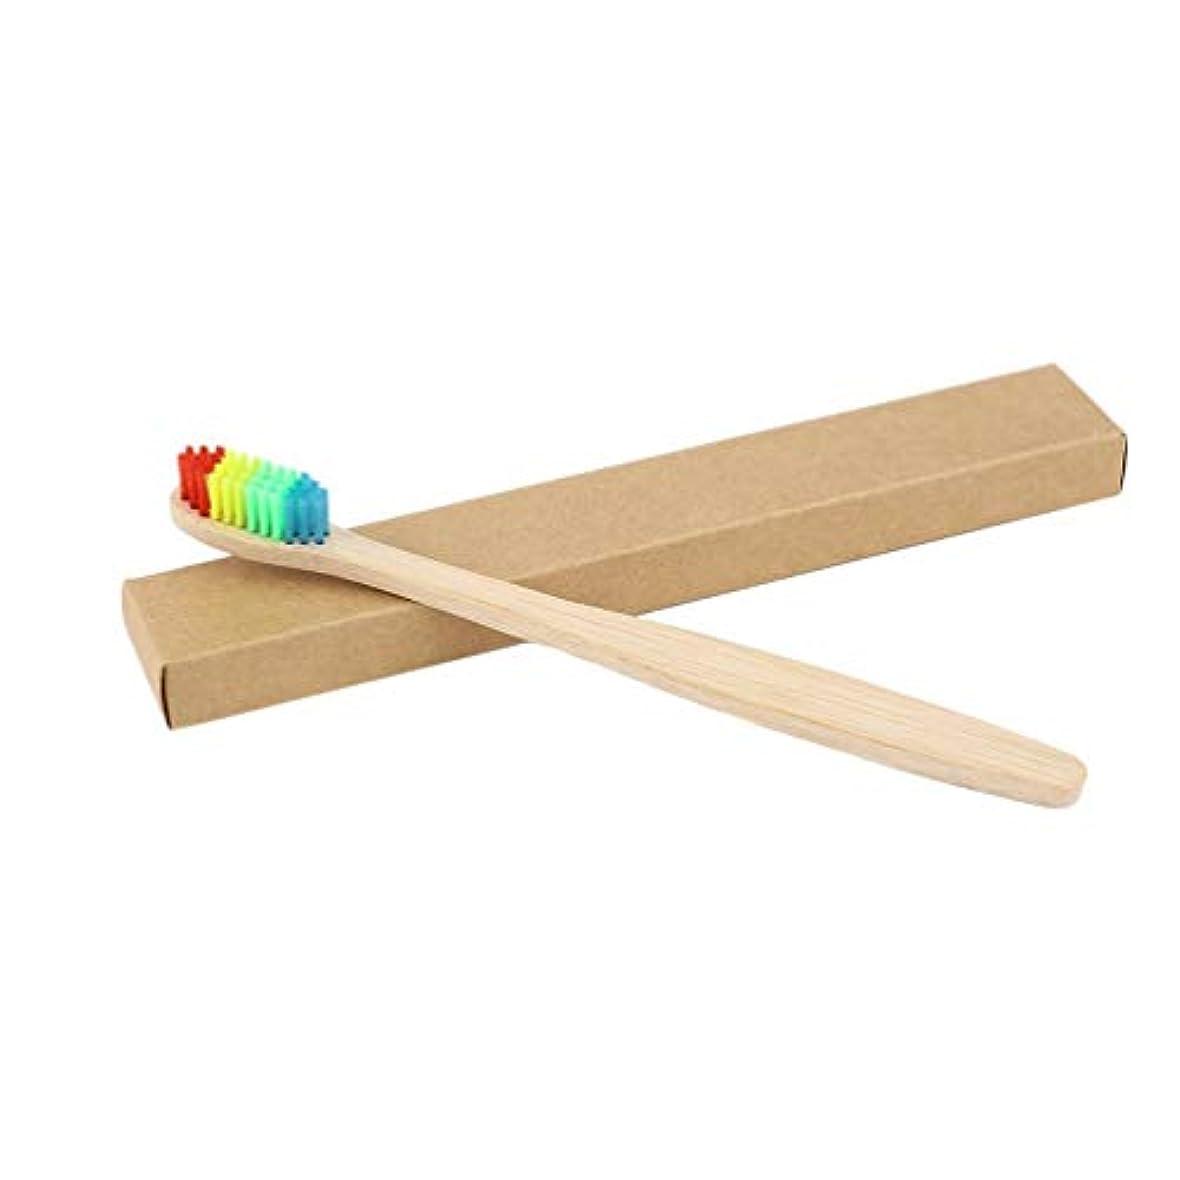 大臣歩き回る精通したカラフルな髪+竹のハンドル歯ブラシ環境木製の虹竹の歯ブラシオーラルケアソフト剛毛ユニセックス - ウッドカラー+カラフル